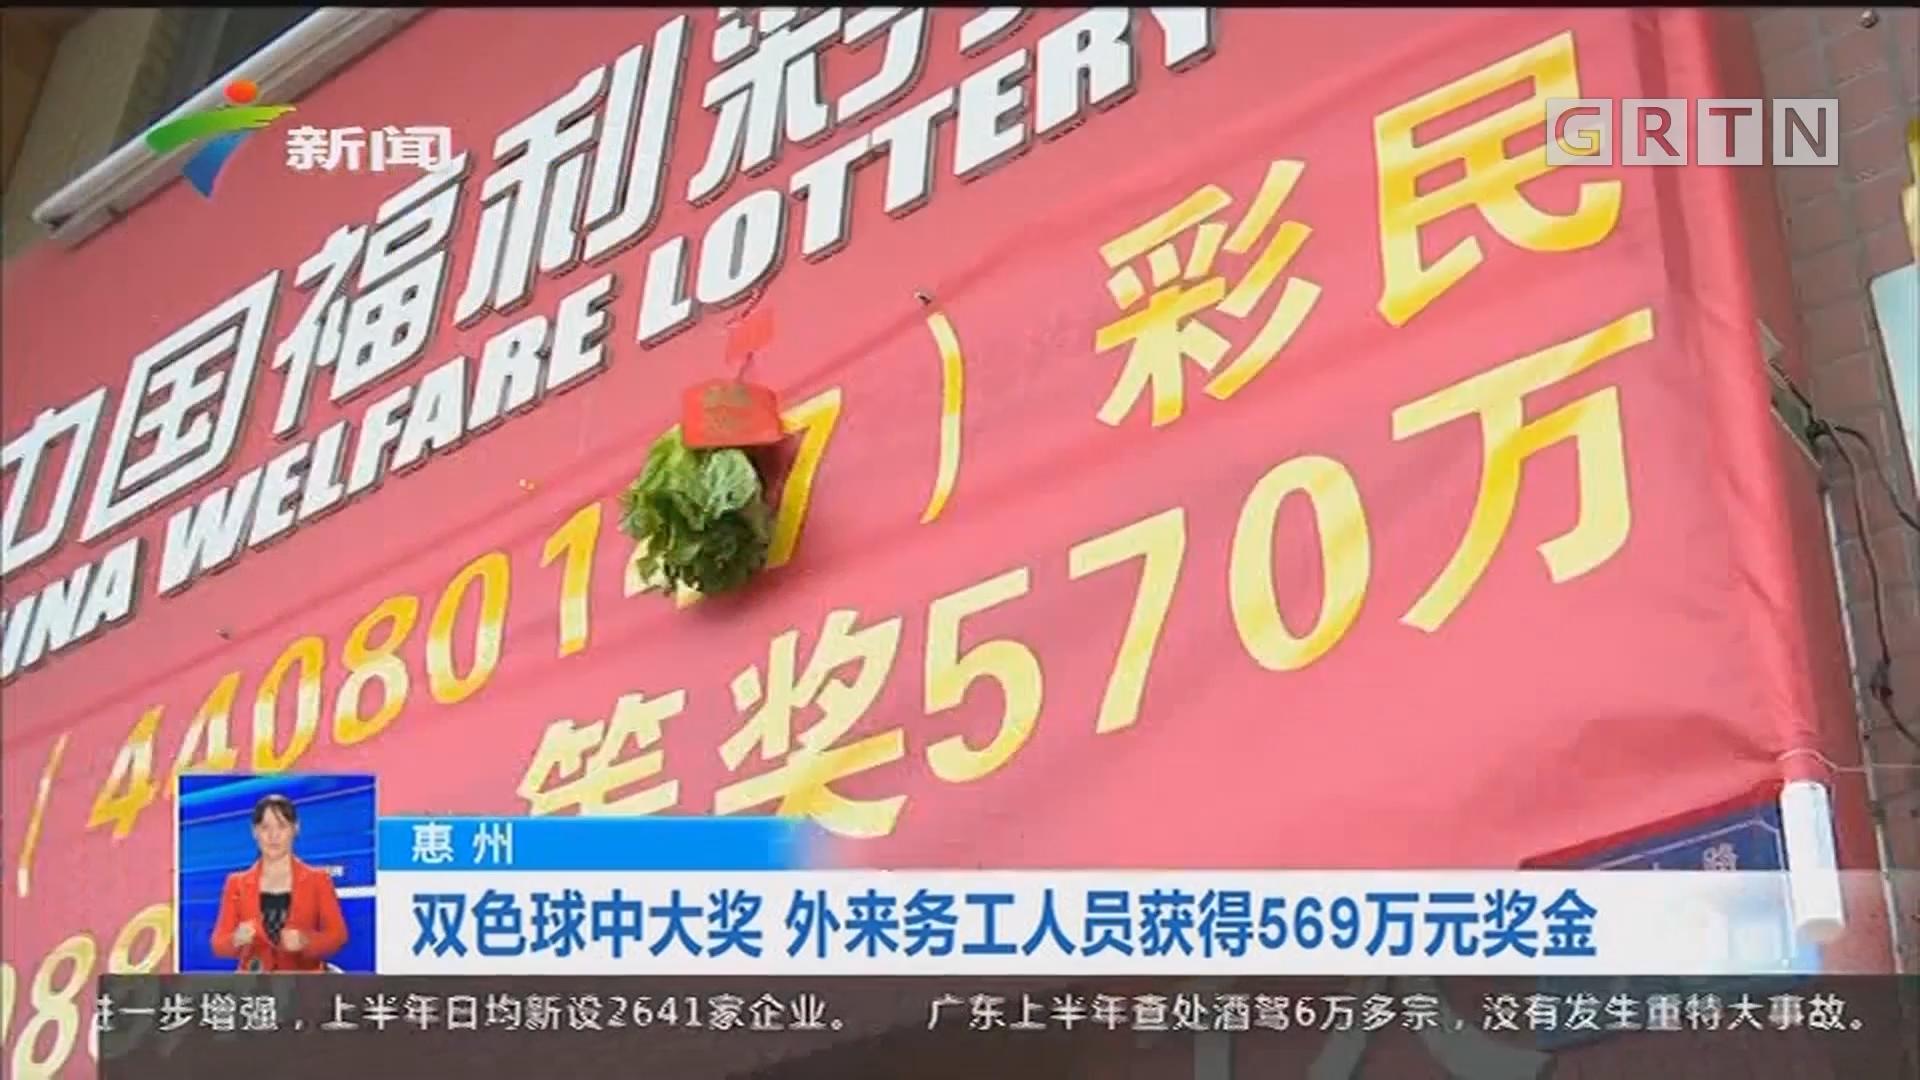 惠州:双色球中大奖 外来务工人员获得569万元奖金